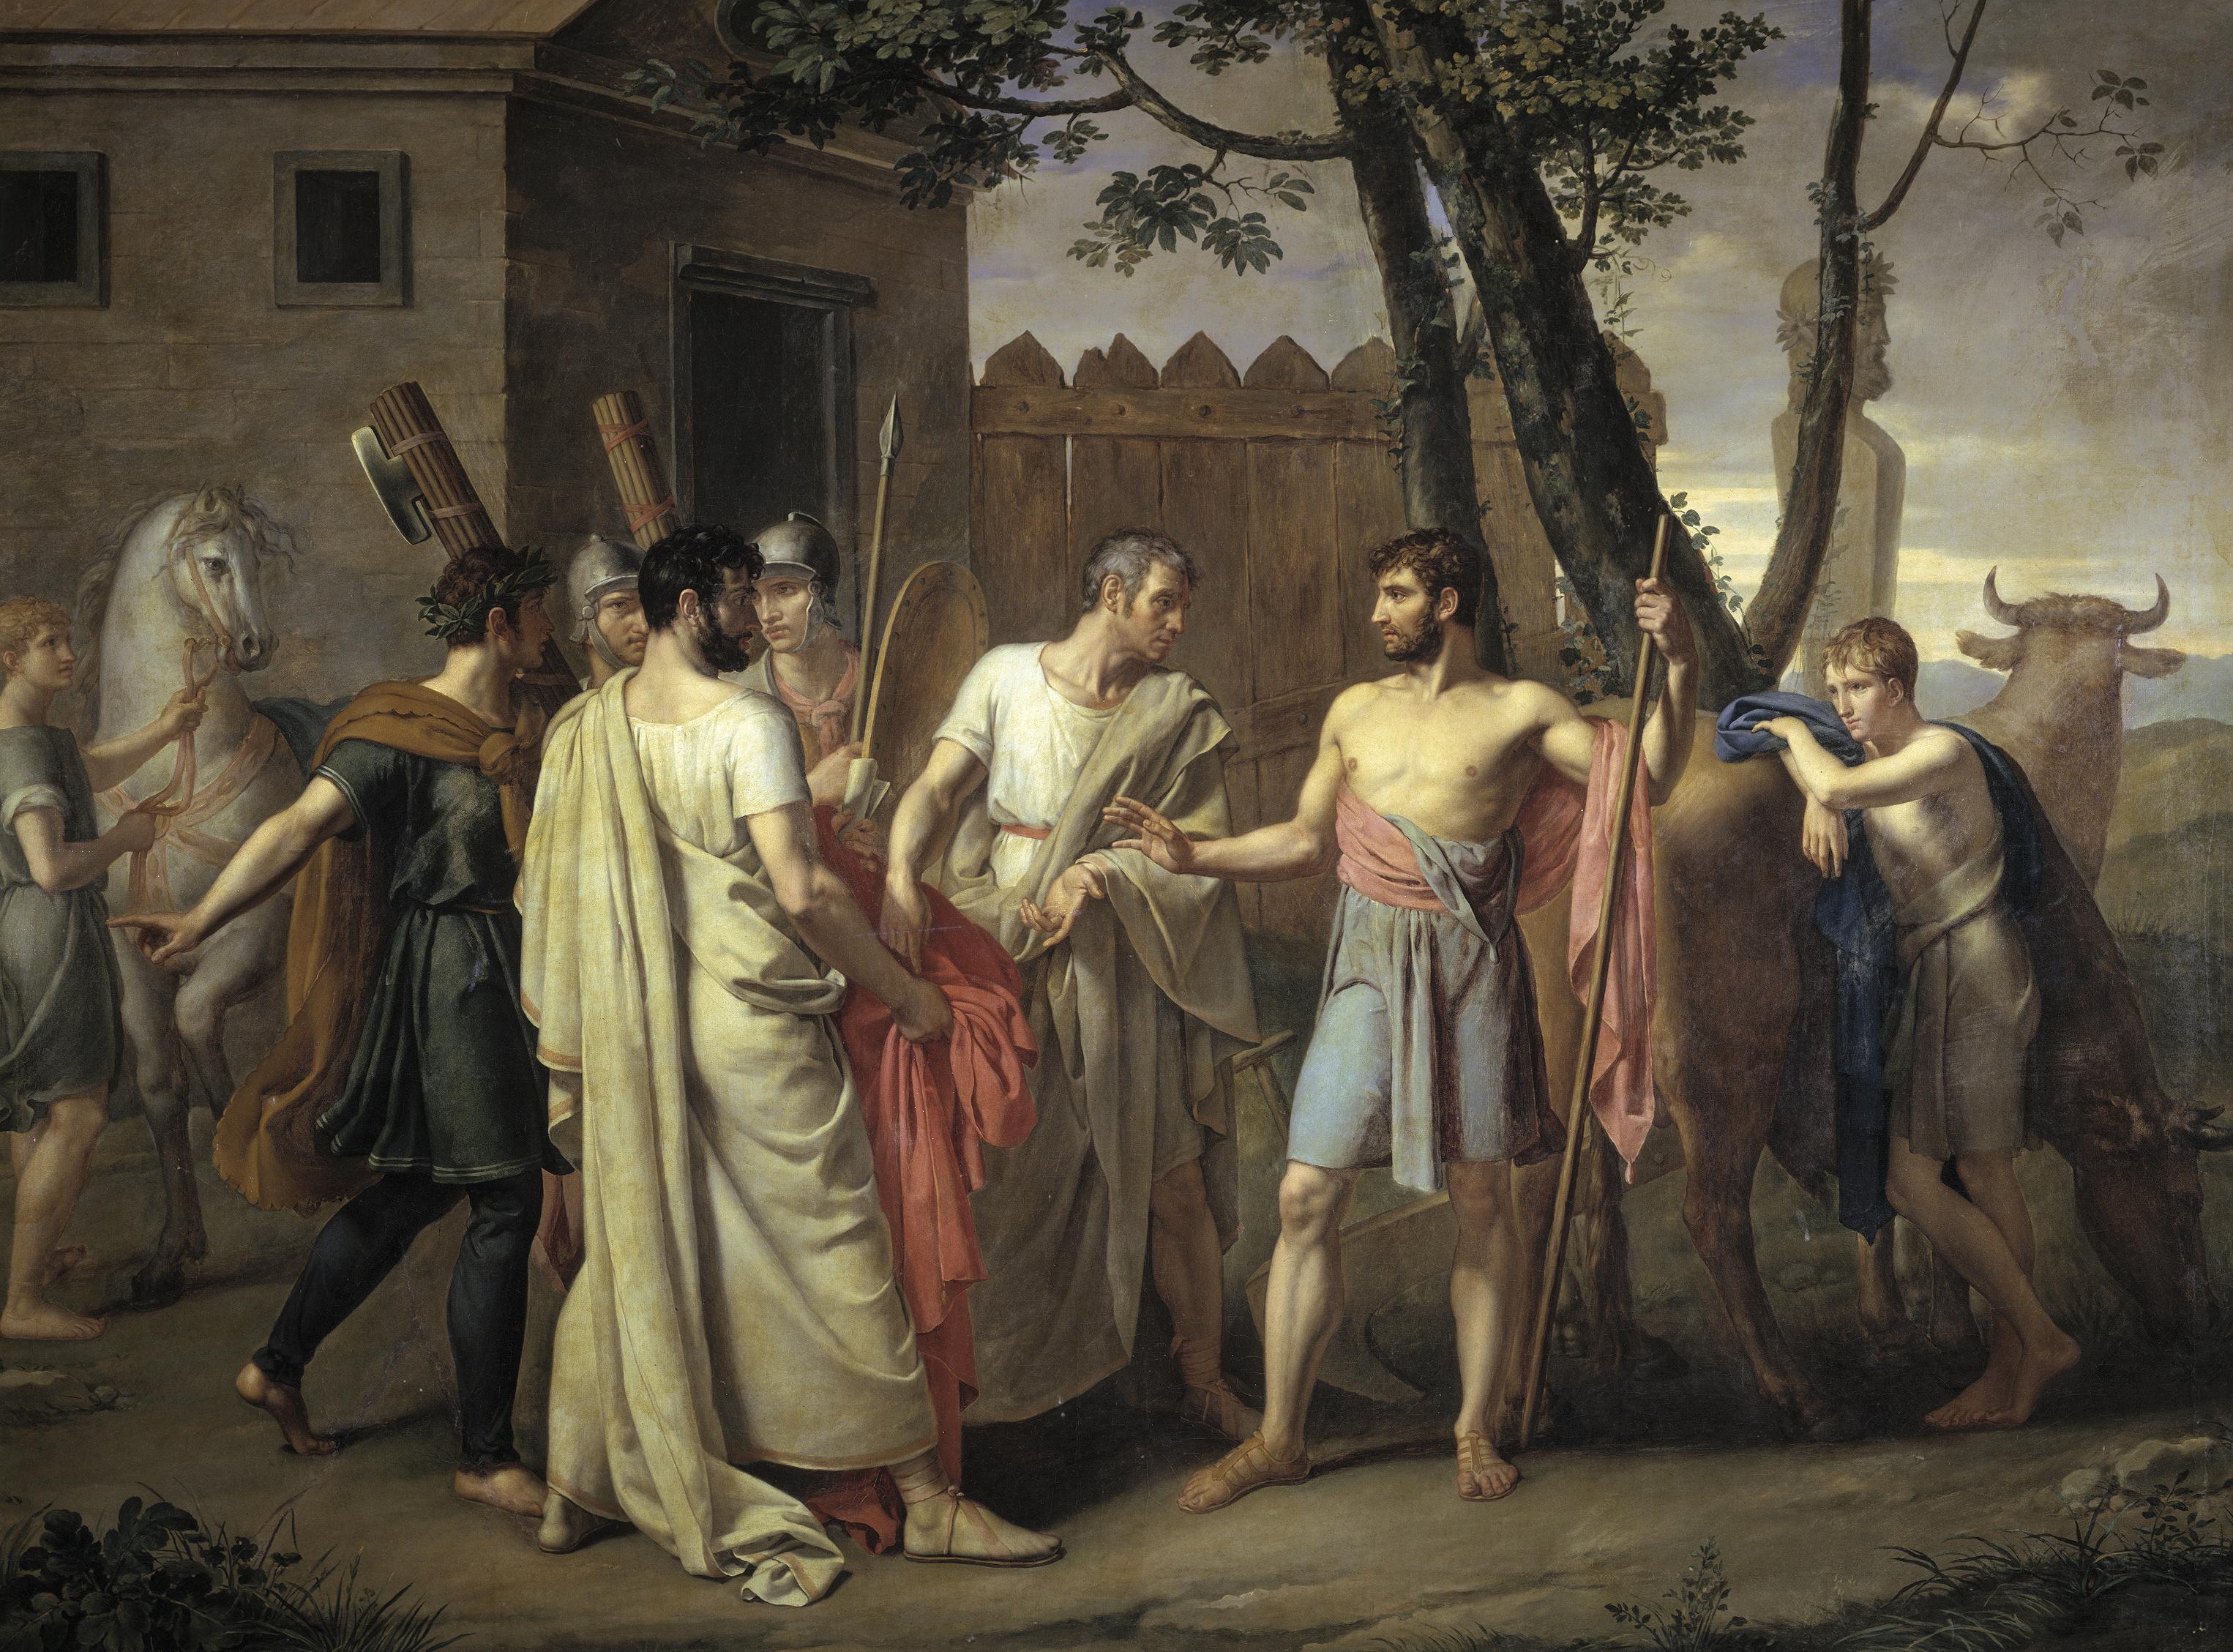 [Help LCA] Aide pour l'analyse d'un personnage sur un tableau représentant Cincinnatus Juan_Antonio_Ribera_-_Cincinato_abandona_el_arado_para_dictar_leyes_a_Roma%2C_1806